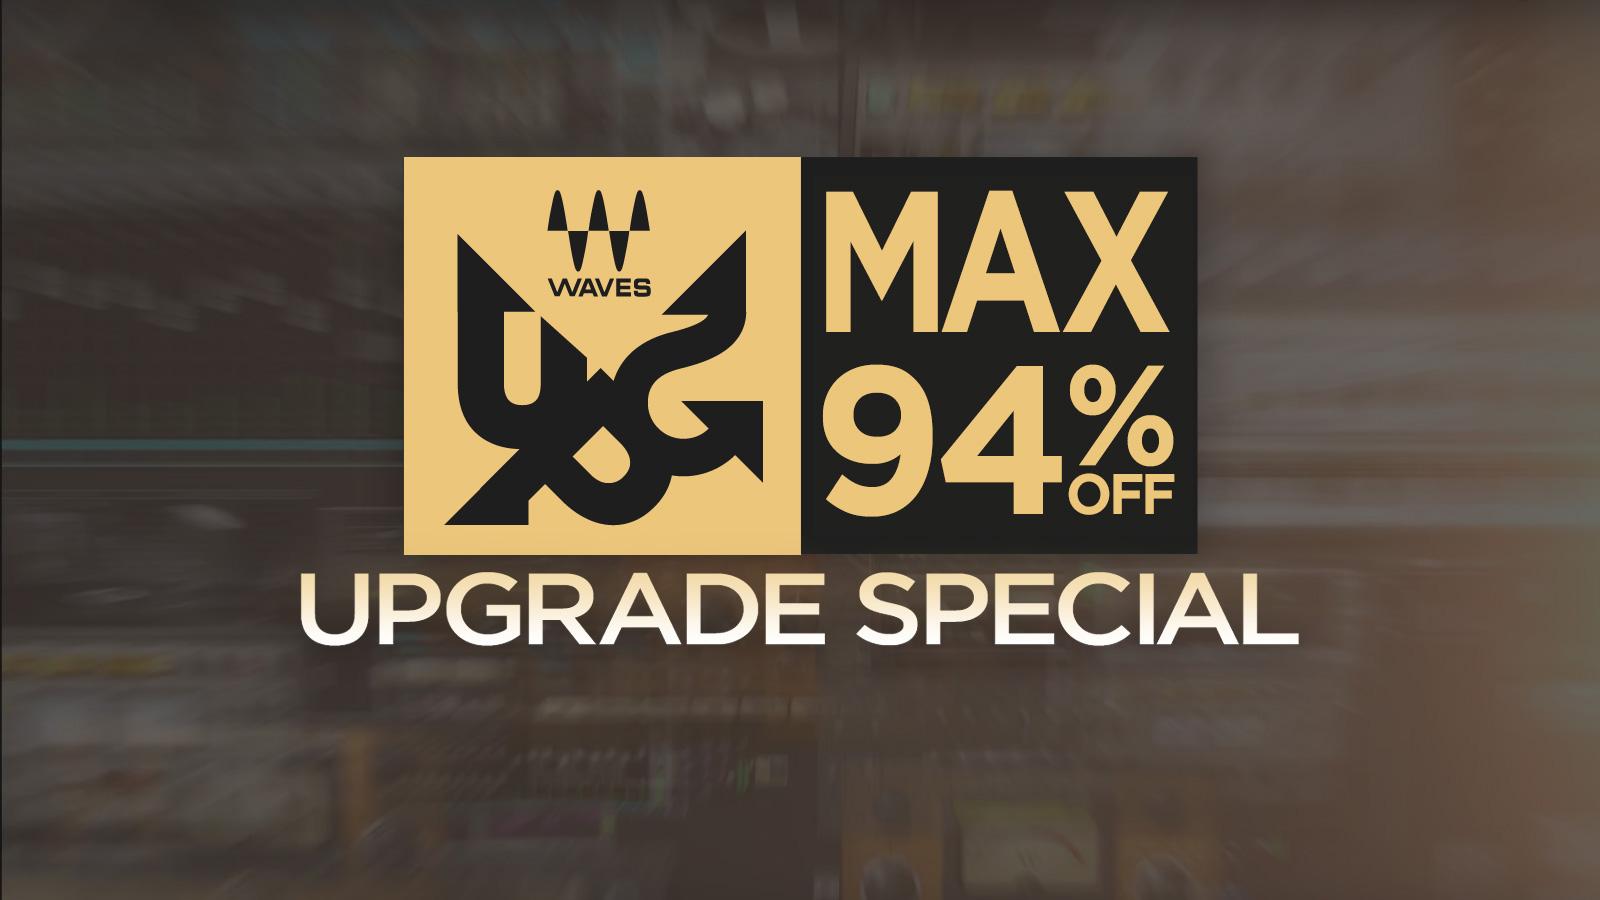 アップグレードが史上最大94%OFF!Waves Upgrade Special